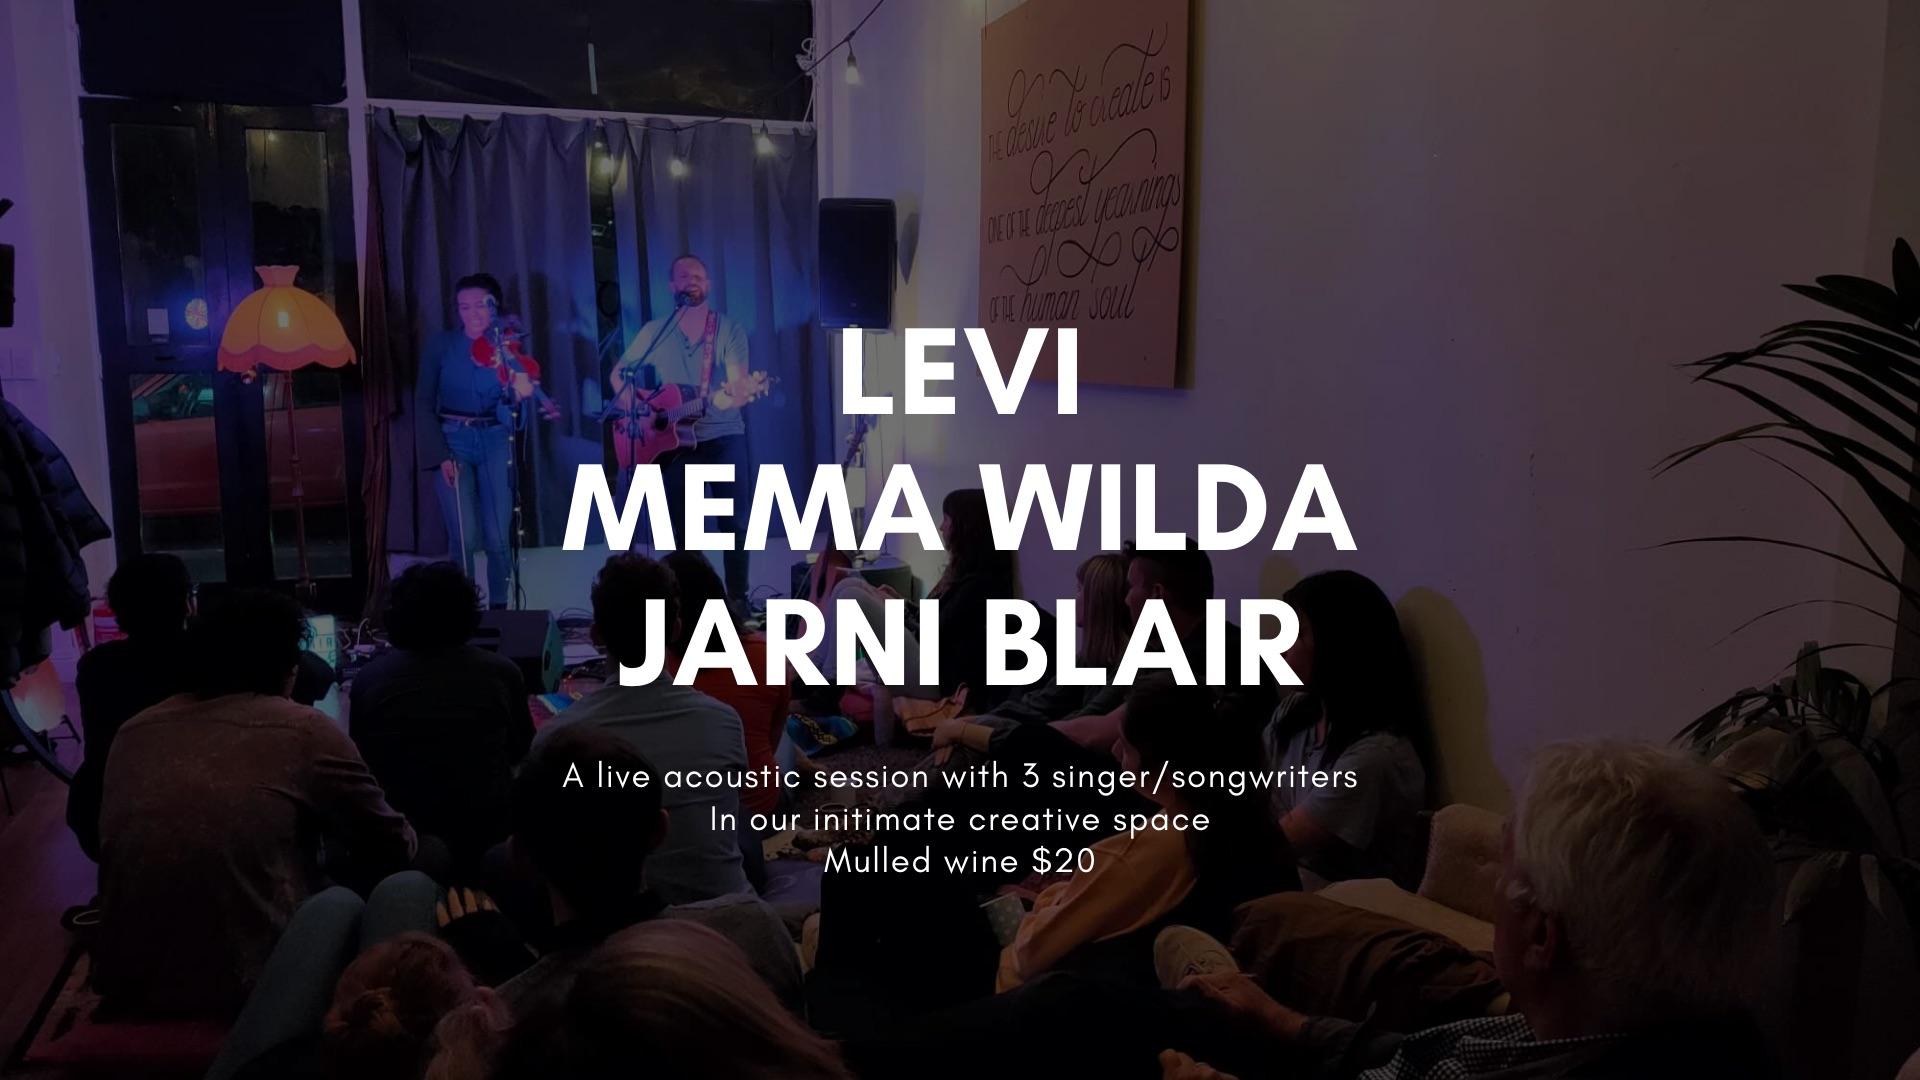 Movespace Live - Levi, Mema Wilda, Jarni Blair